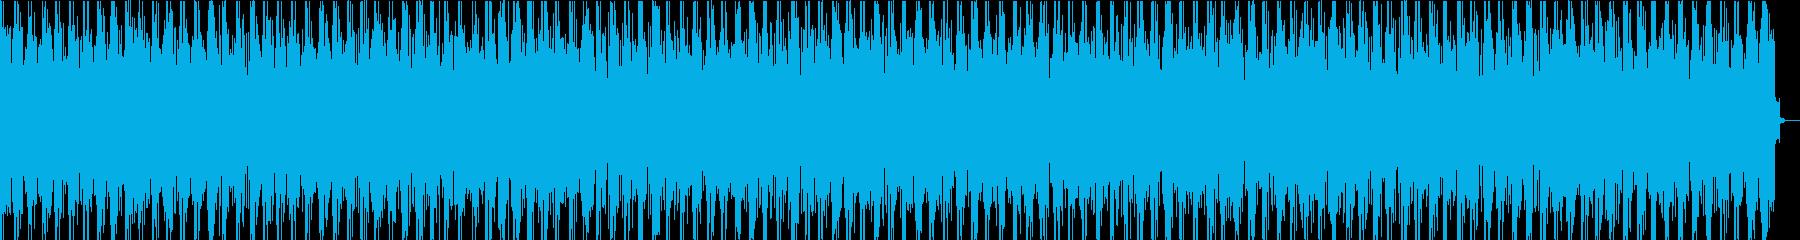 ニュース15 事件・ニュース・動画BGMの再生済みの波形